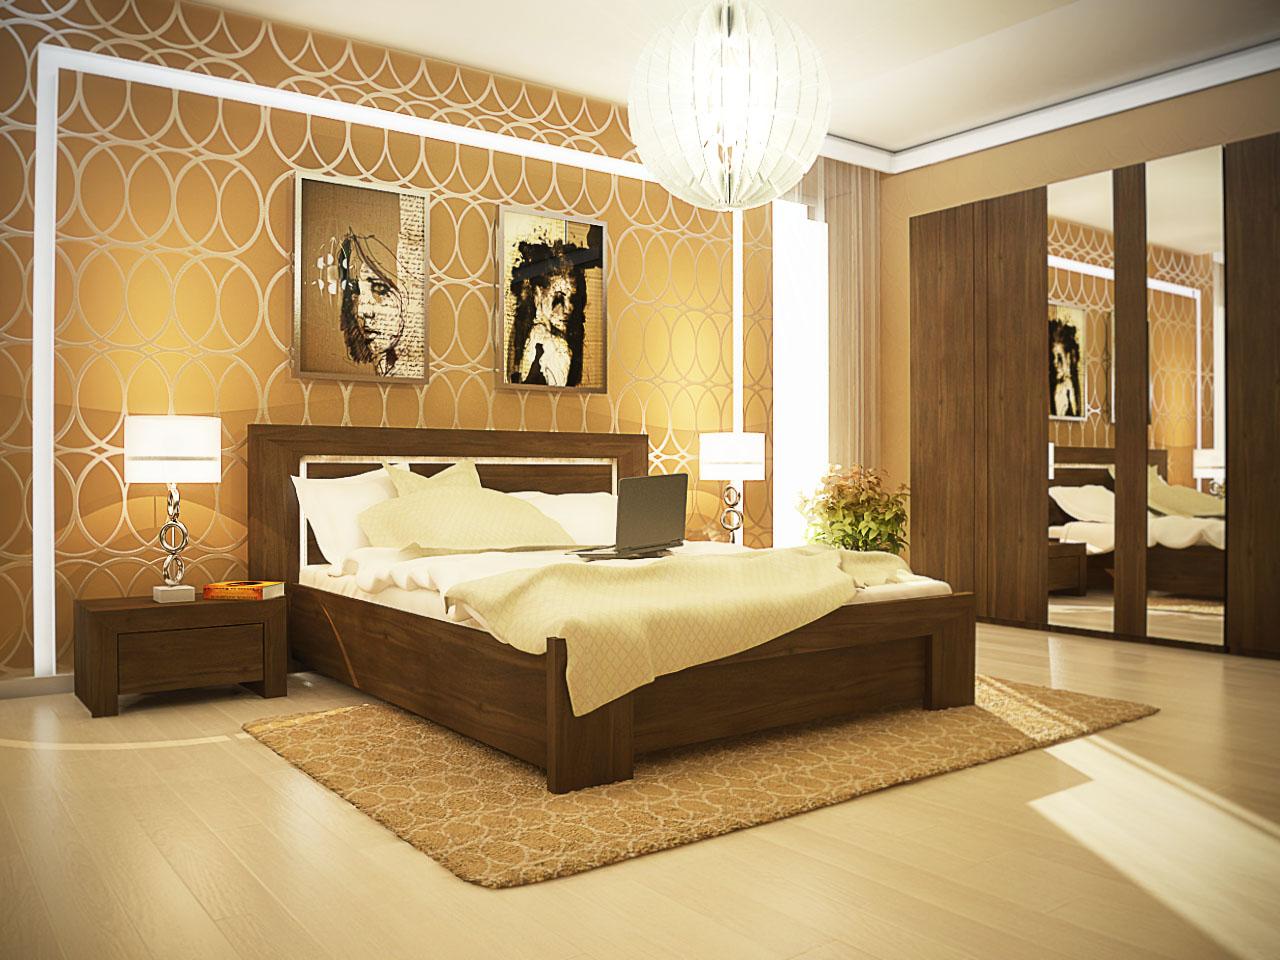 Дизайн интерьера спальни в стиле хай тек